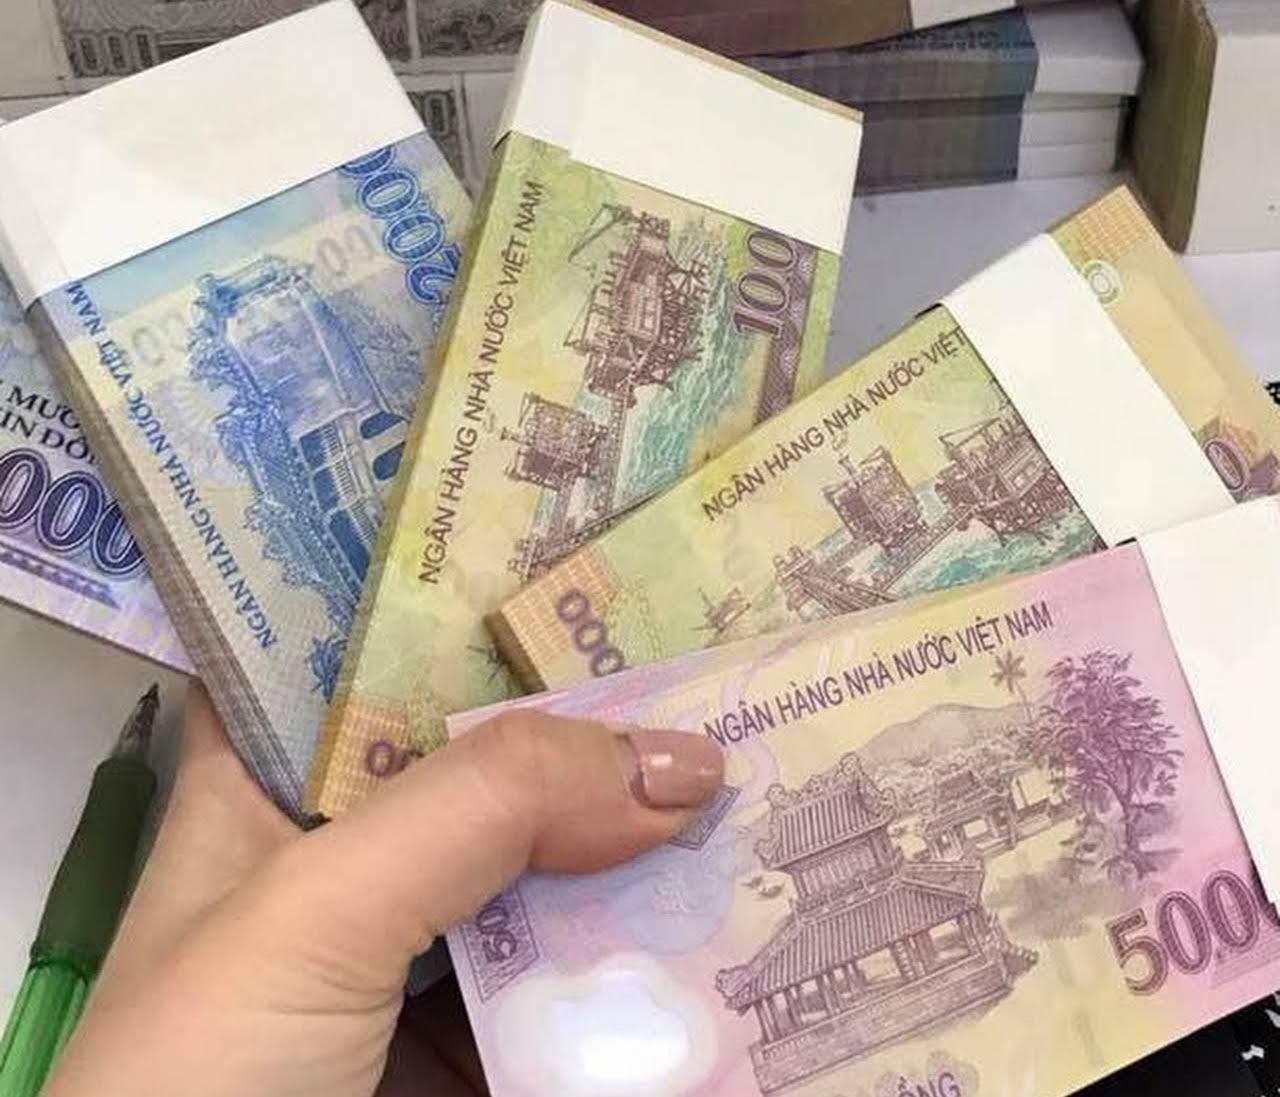 Tiền là vật trao đổi ngang giá, nhưng cũng là một sản phẩm đặc biệt. Chất lượng sản phẩm tiền phải được đảm bảo để giữ gìn, gia tăng giá trị của nó.